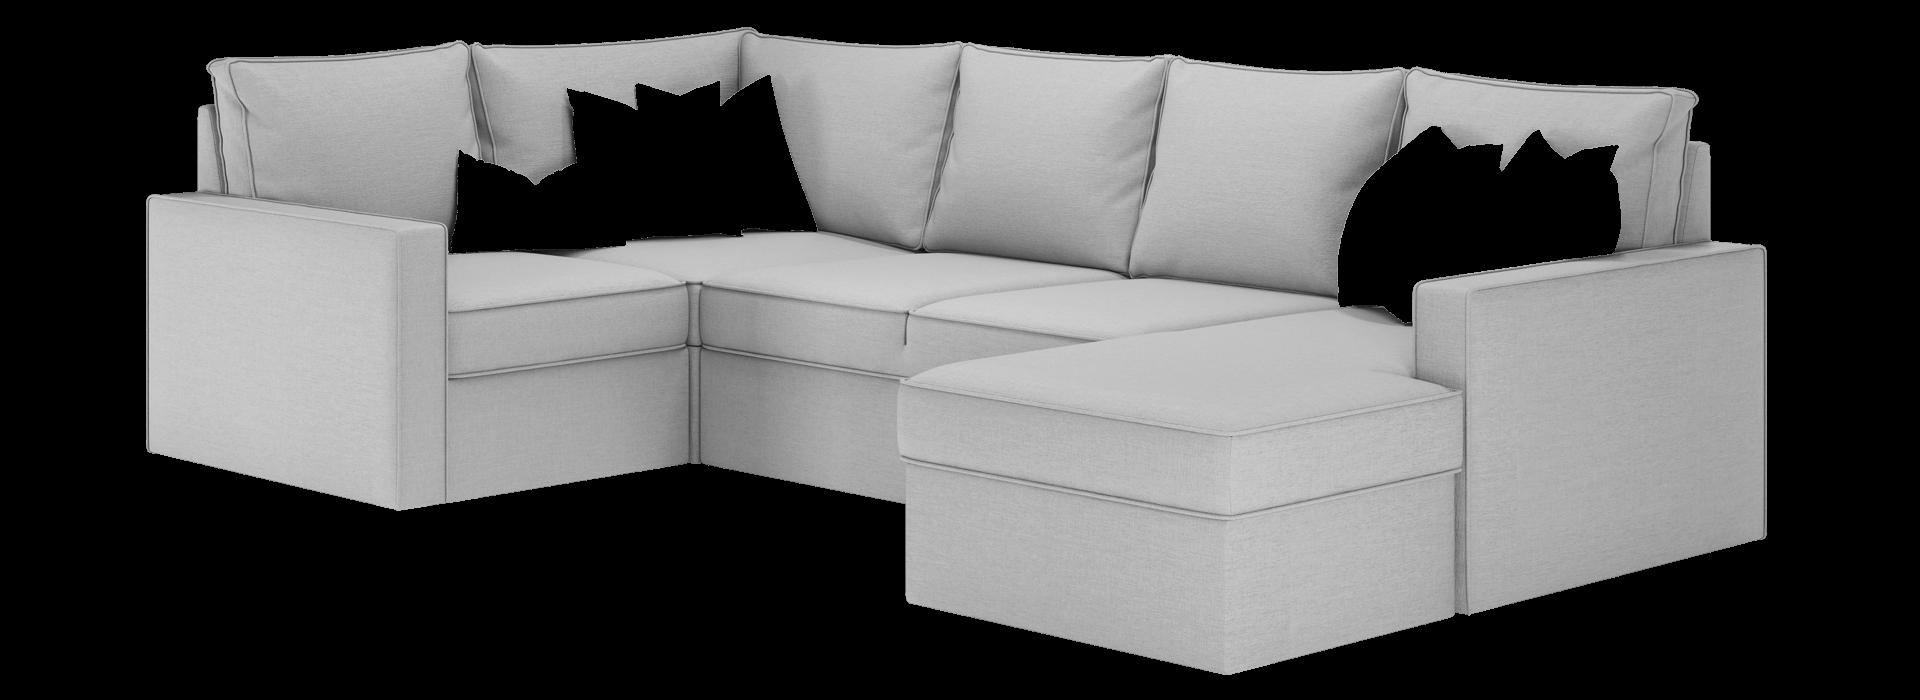 Лінкольн В модульний кутовий диван - маска 2